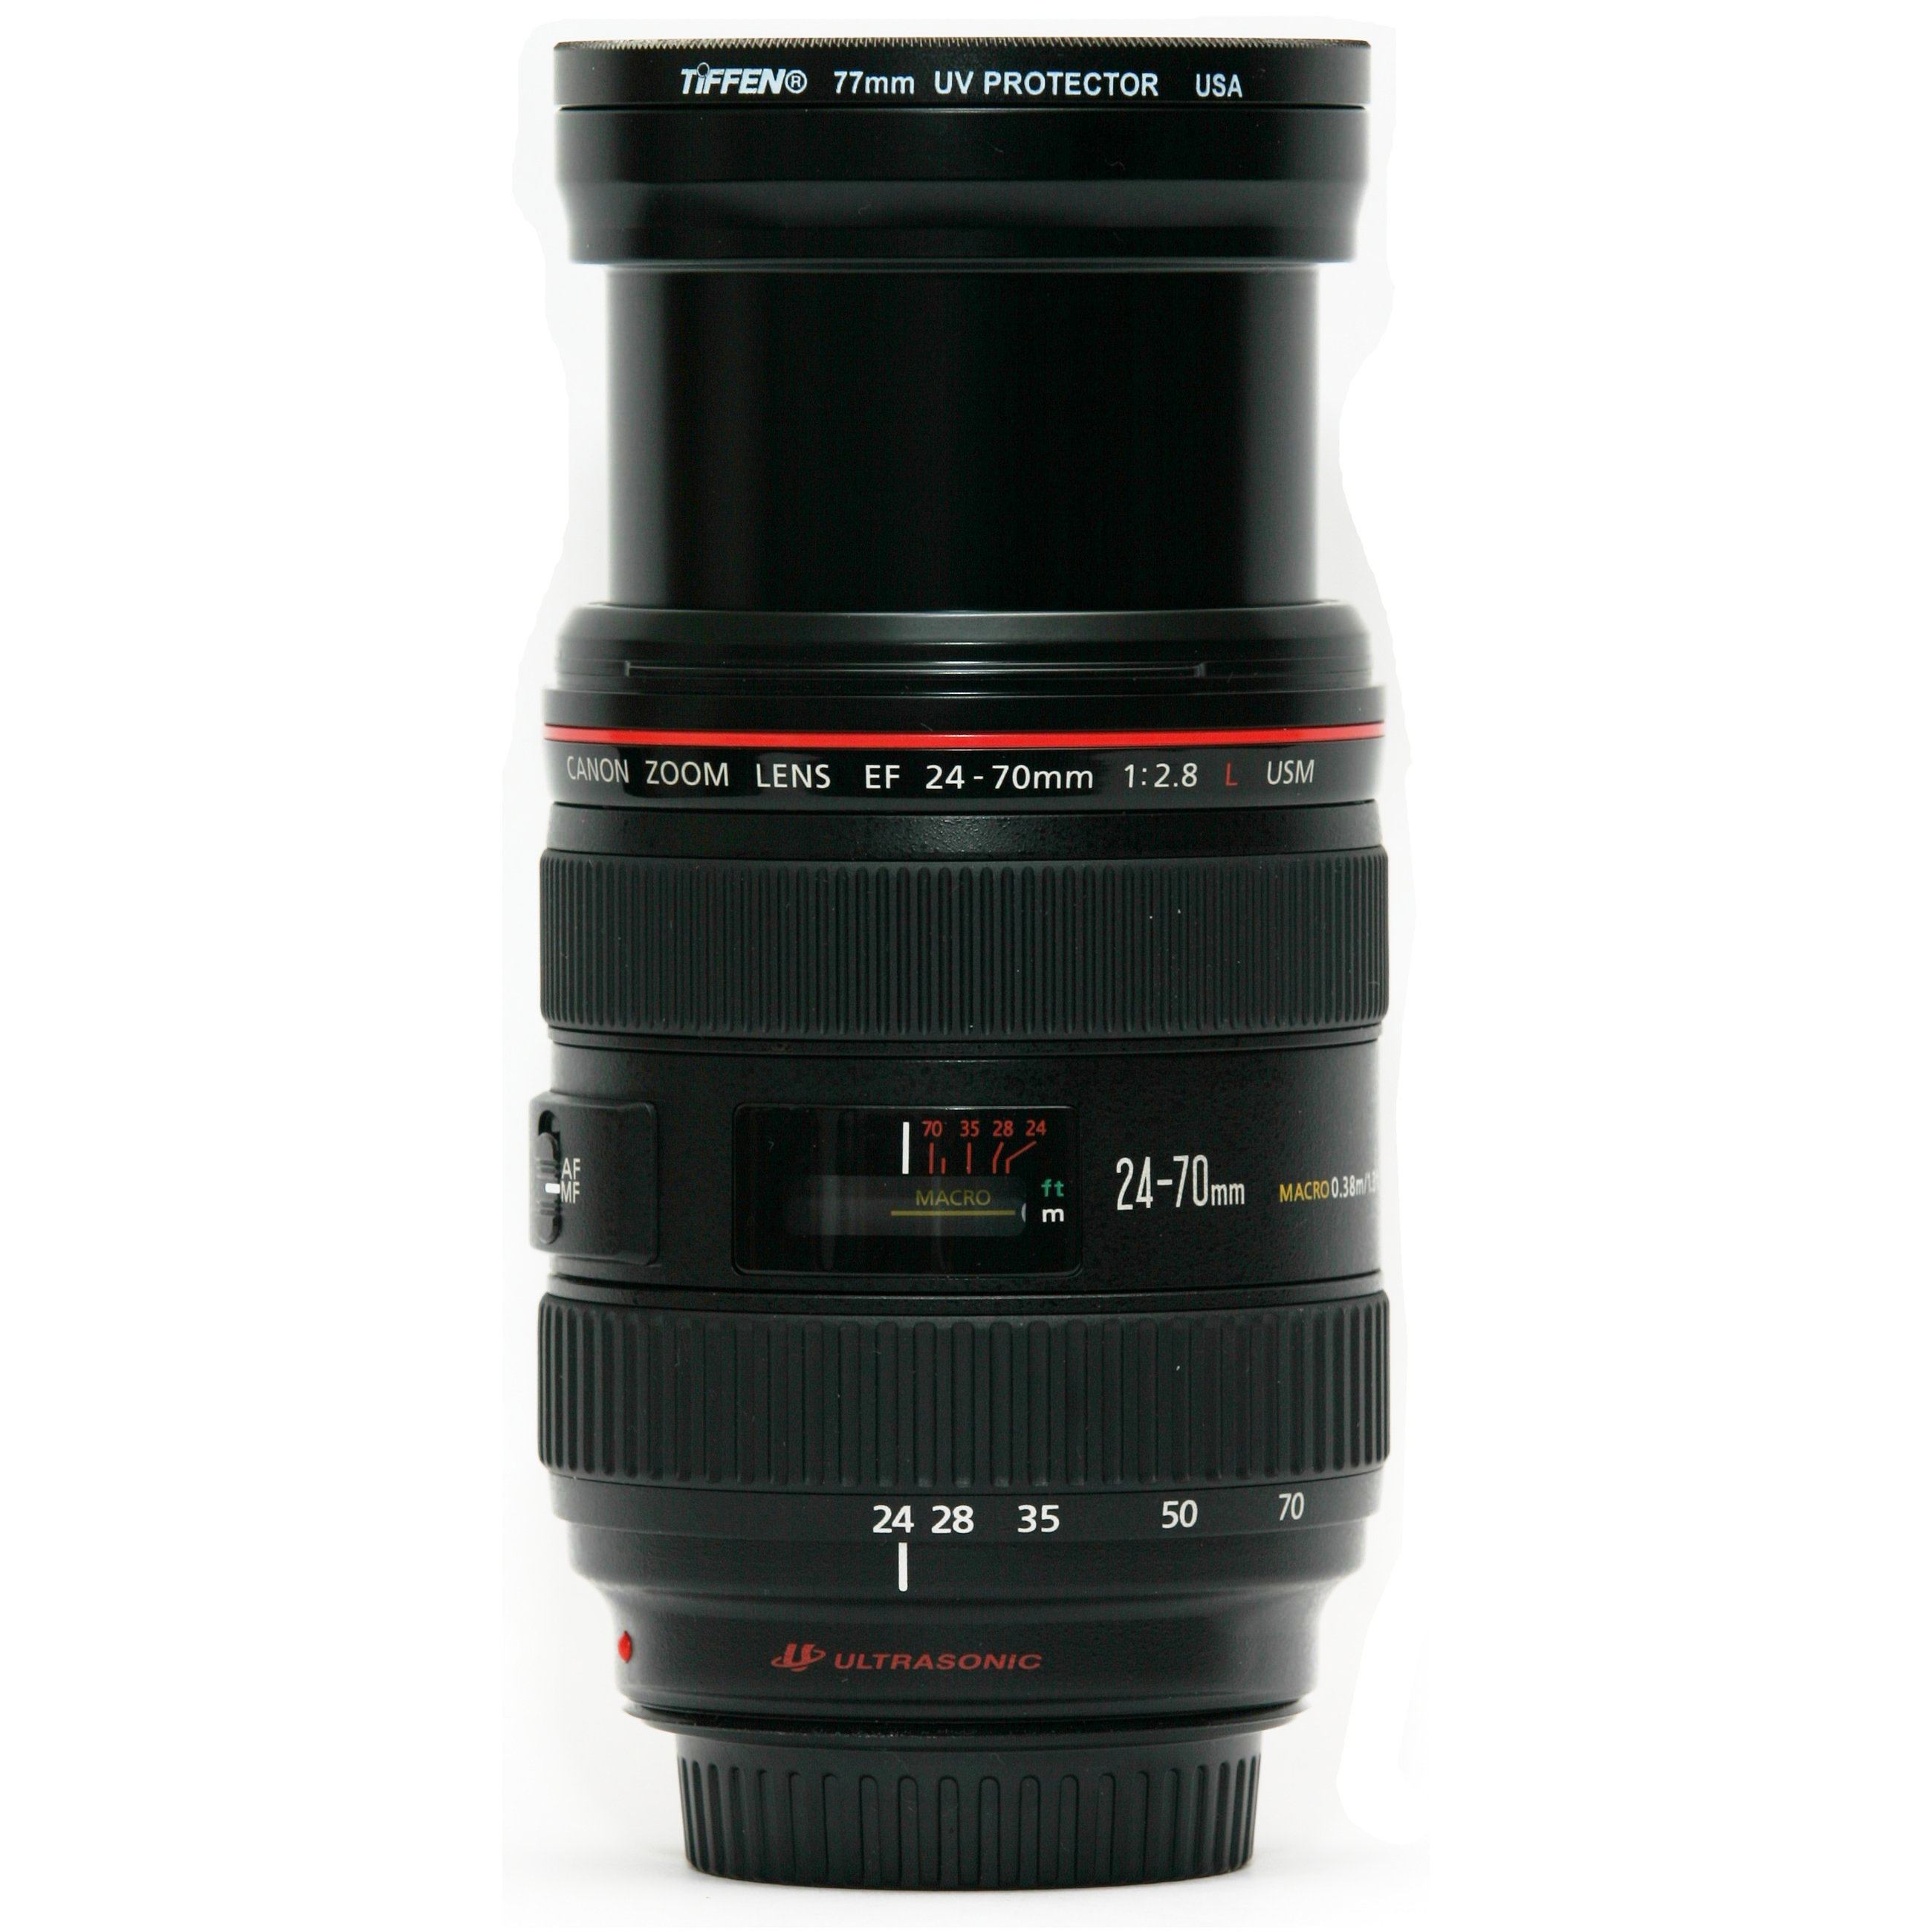 file canon 24 70 mm f2 8 lens side at 24. Black Bedroom Furniture Sets. Home Design Ideas